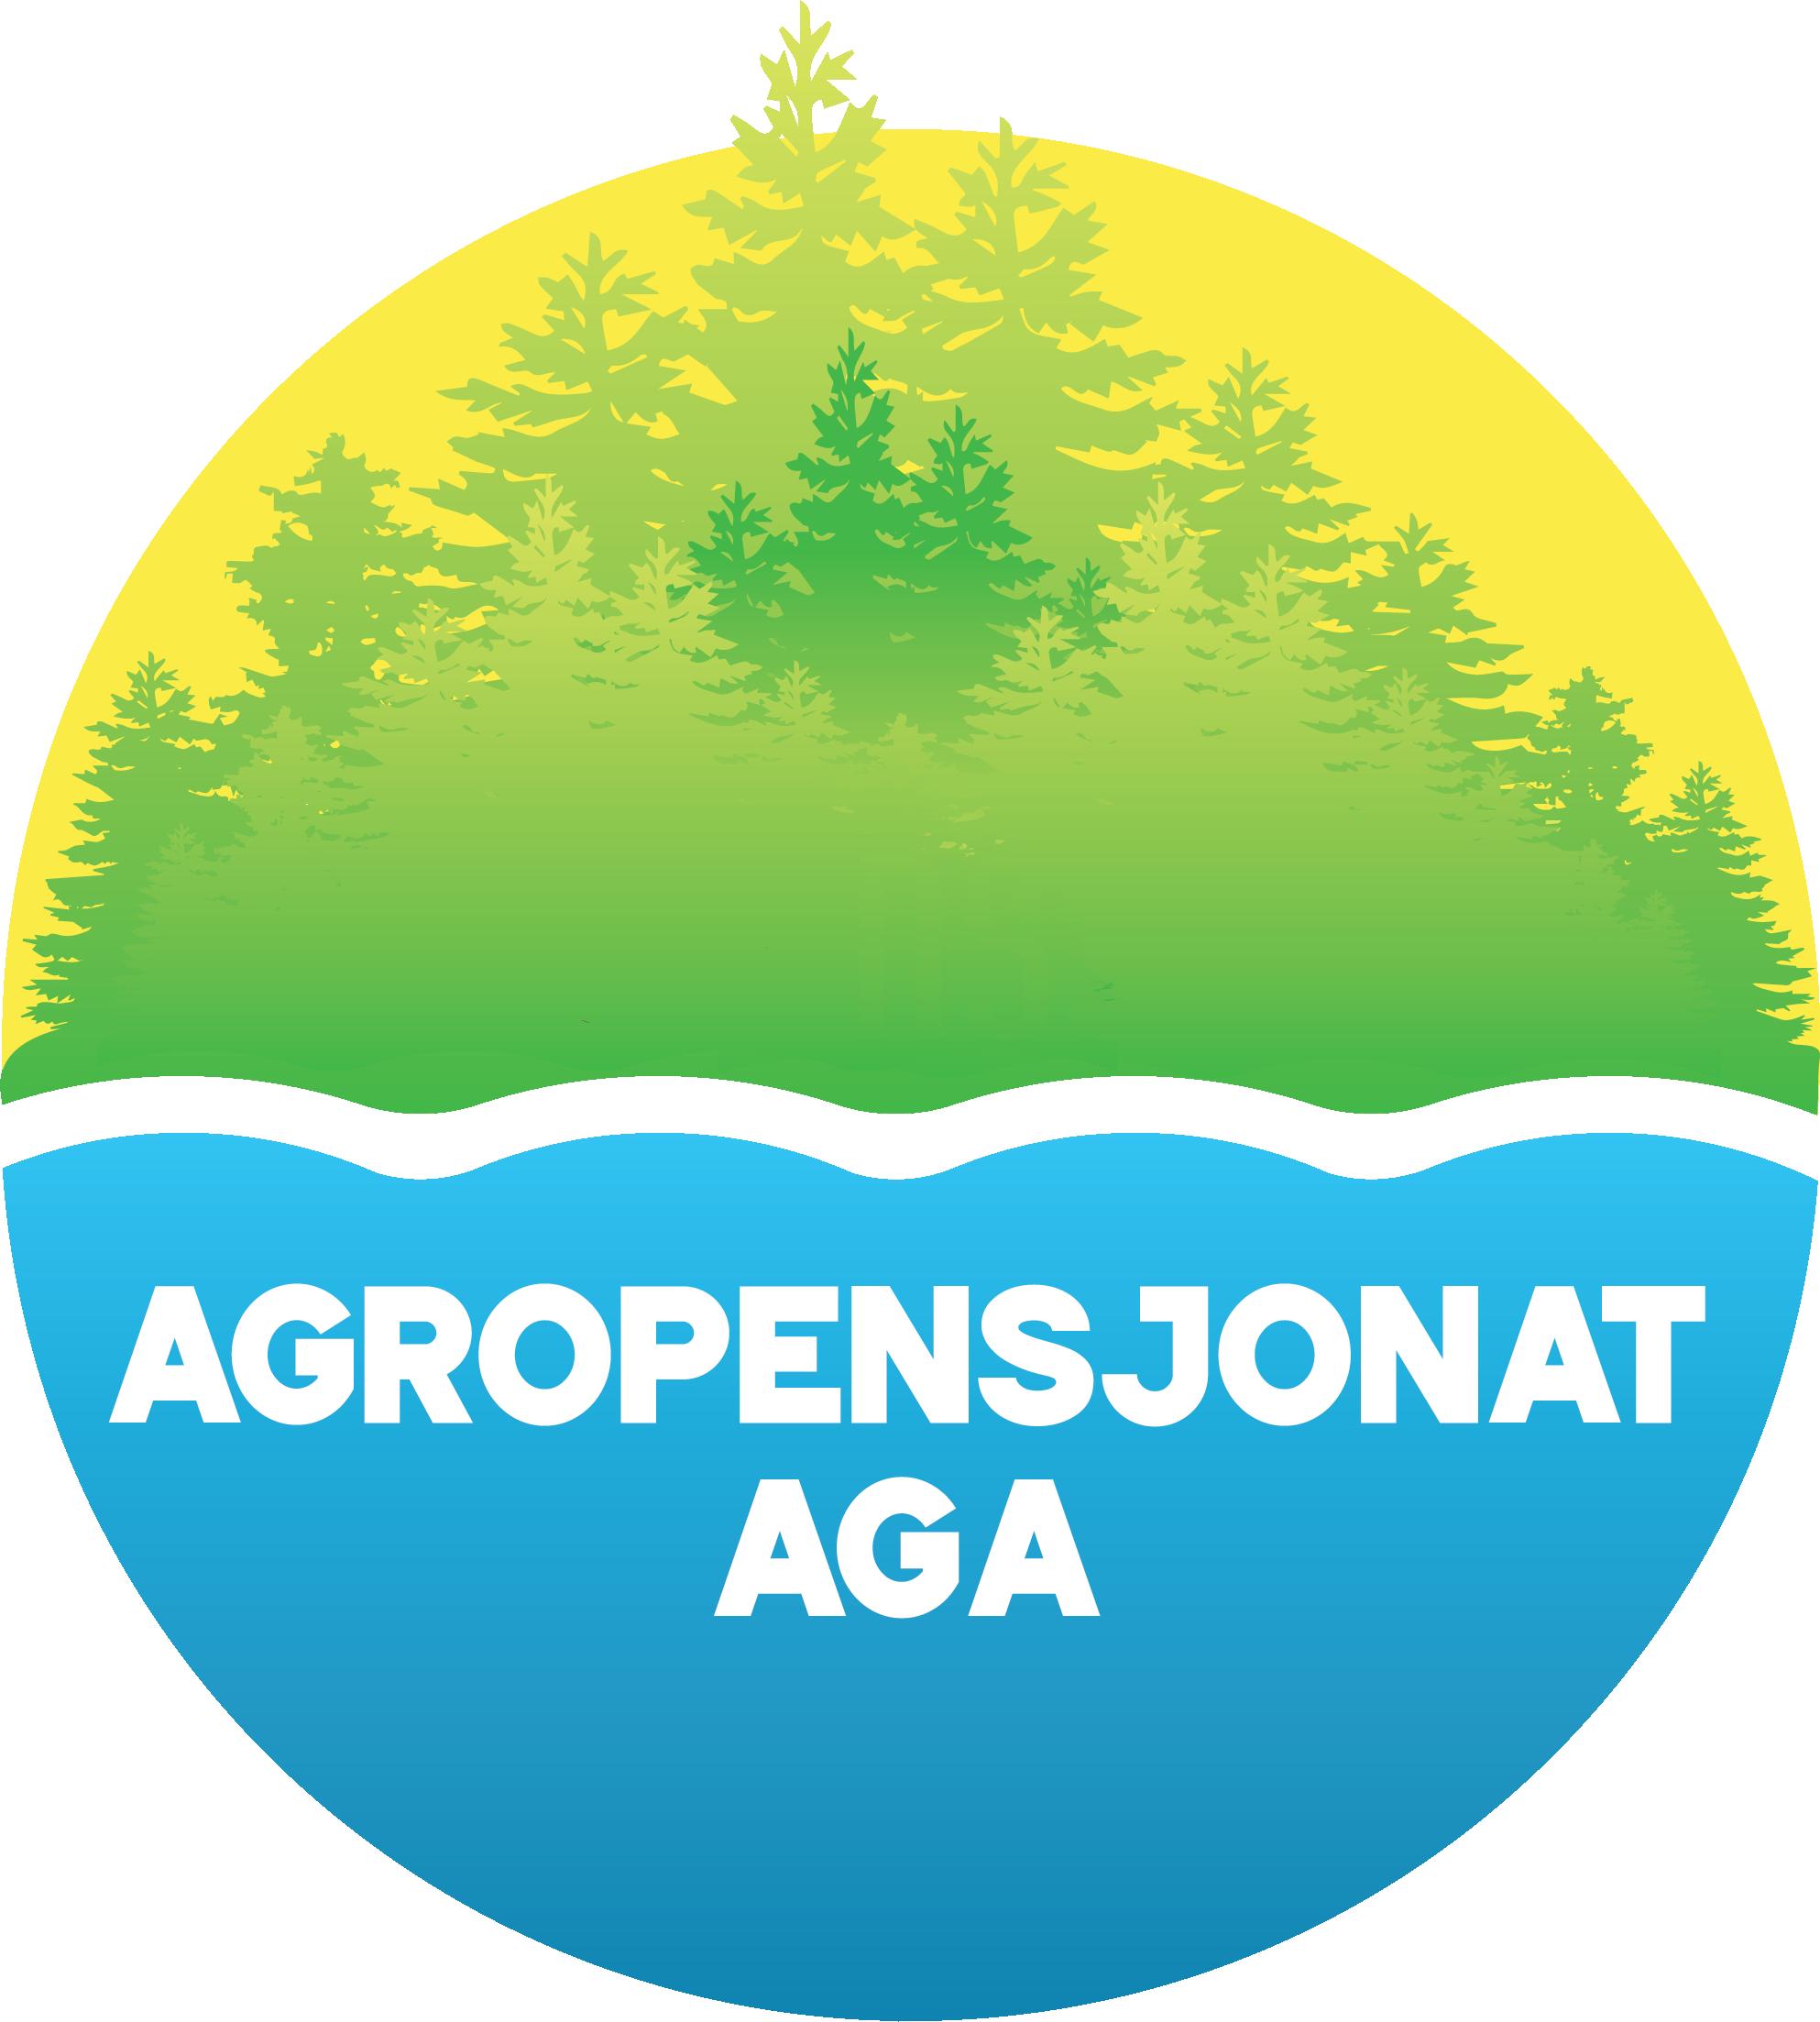 Agropensjonat Aga